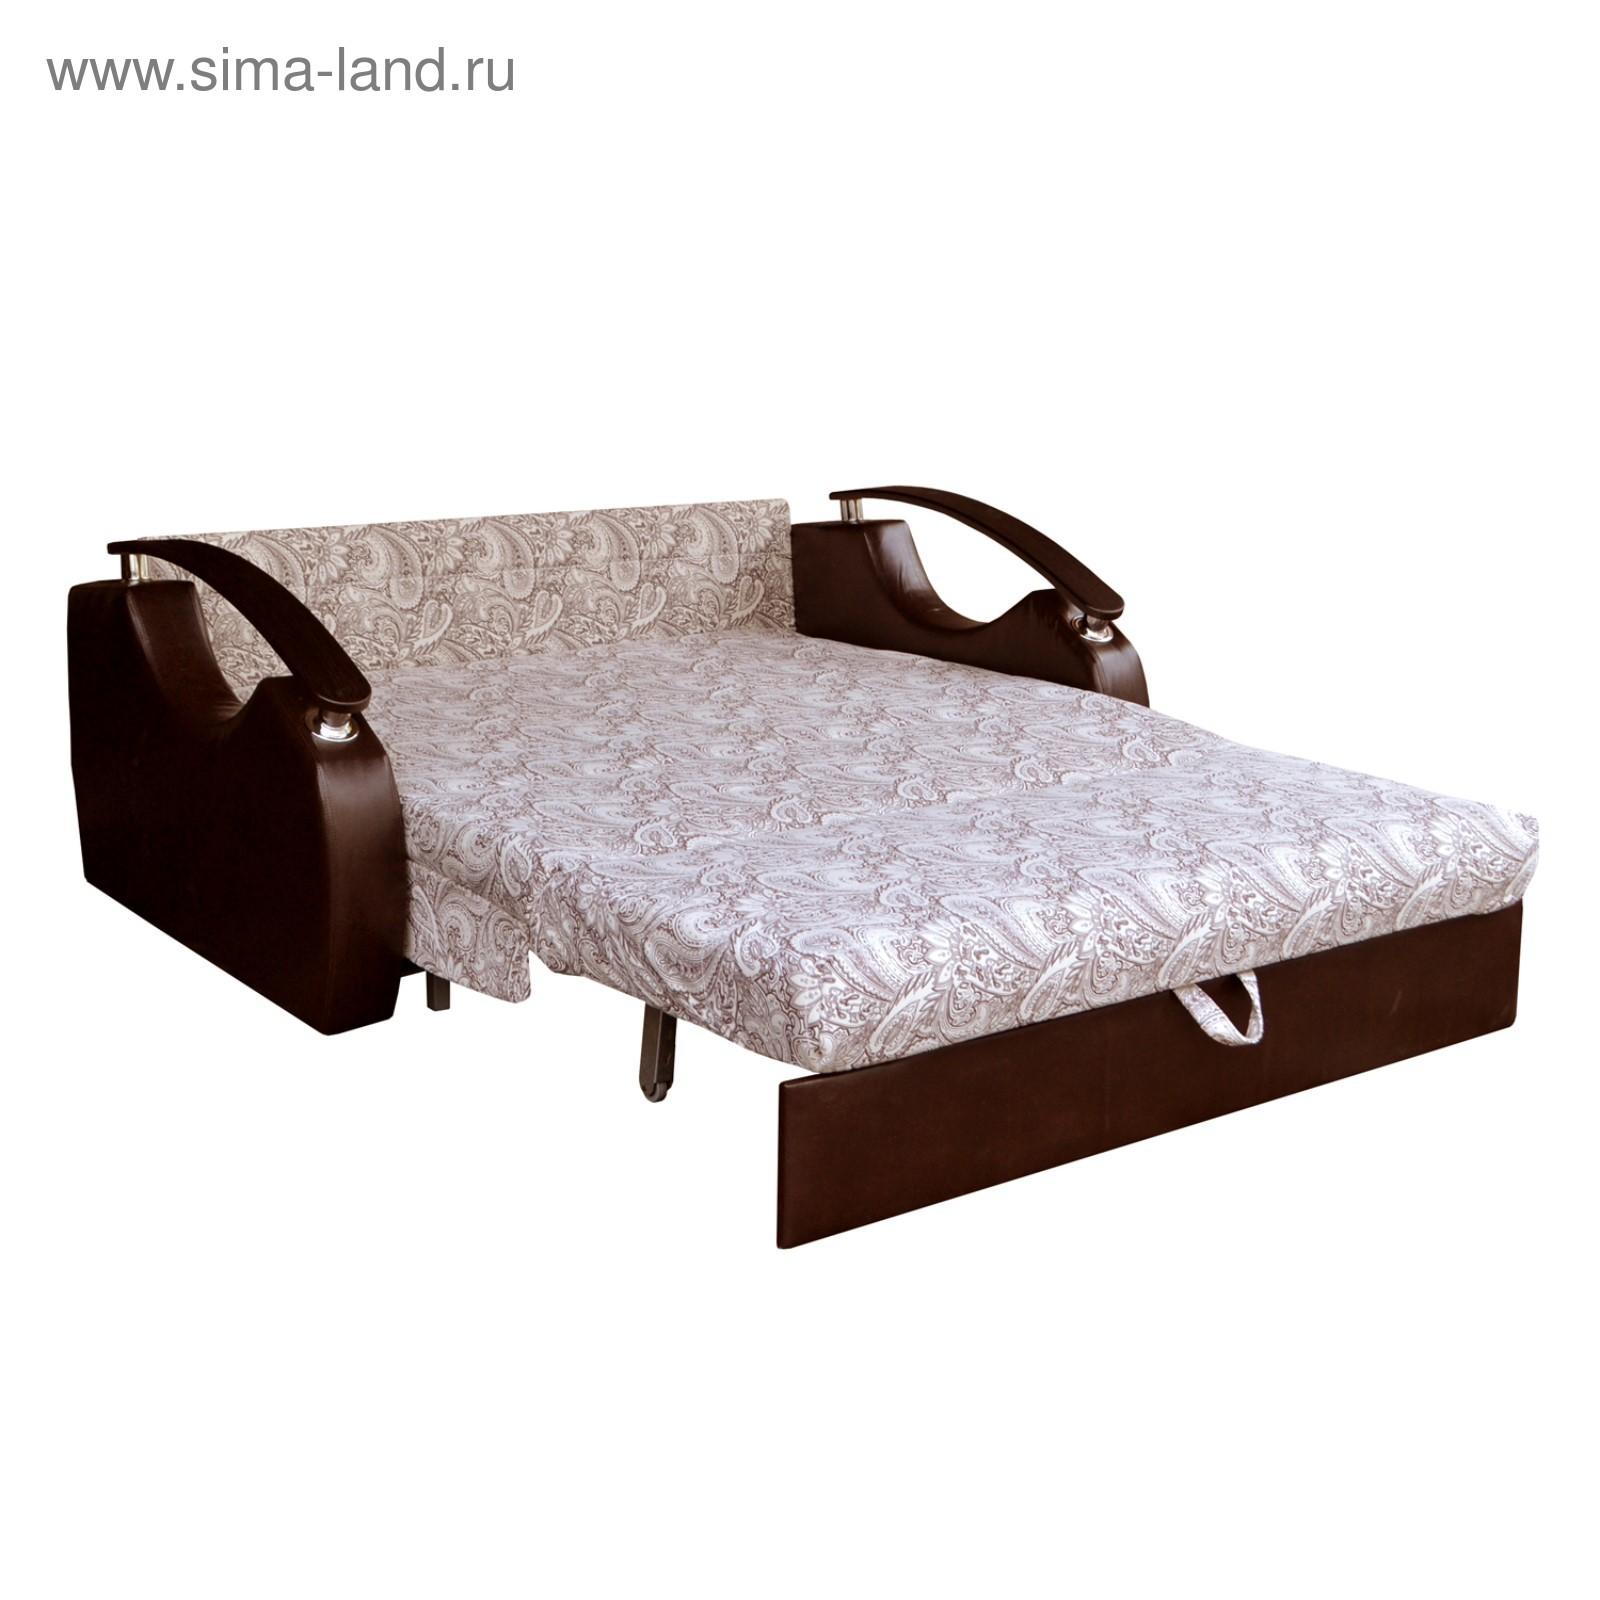 диван кровать непал люкс механизм аккордеон 1503520 купить